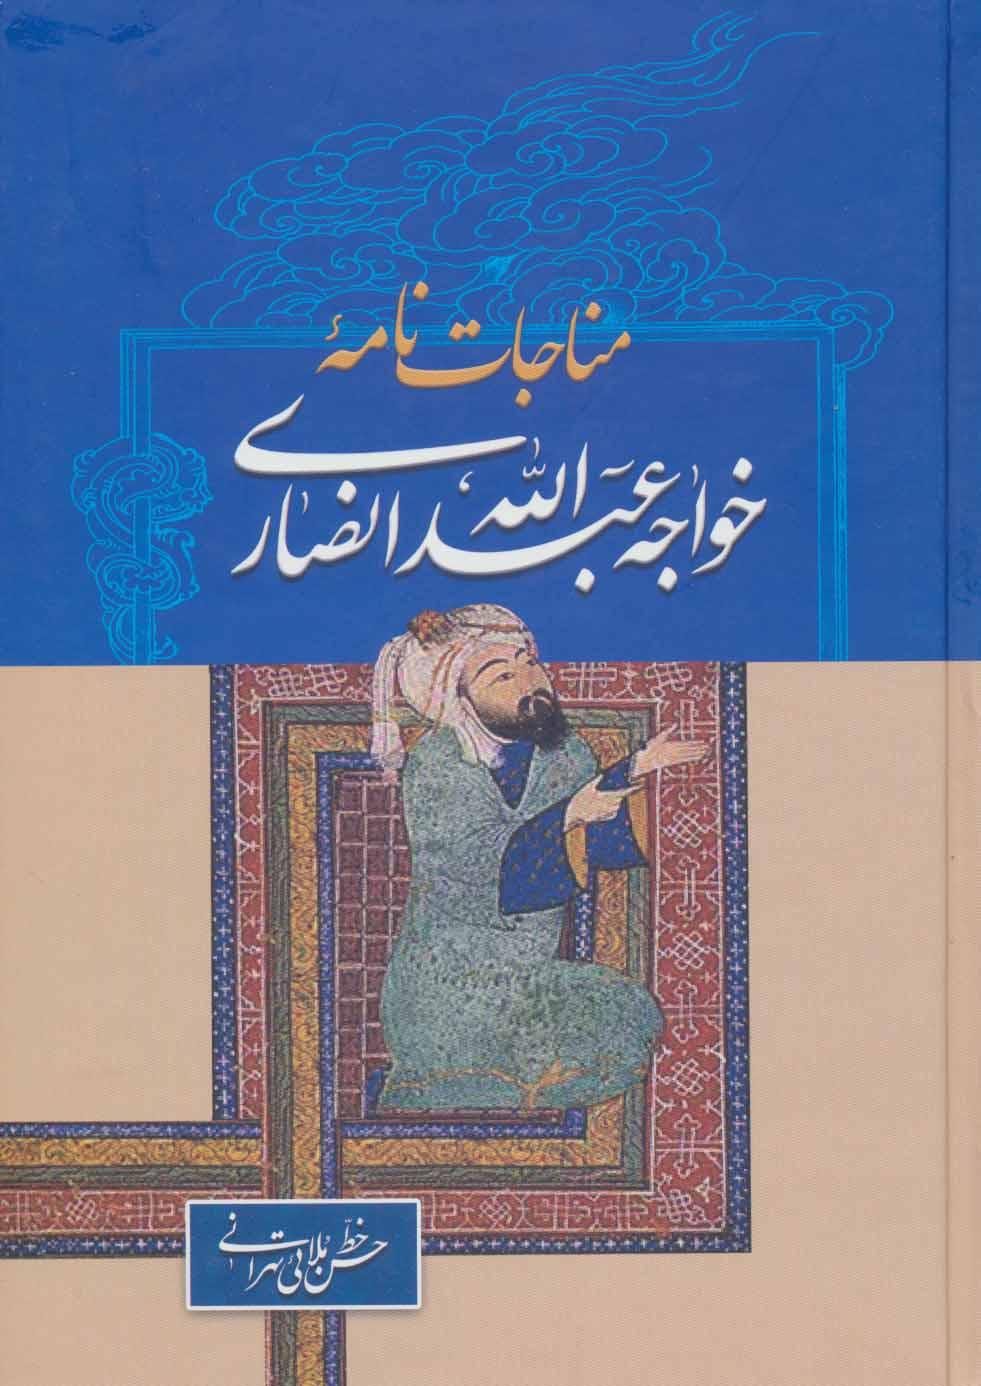 کتاب مناجات نامه خواجه عبدالله انصاری